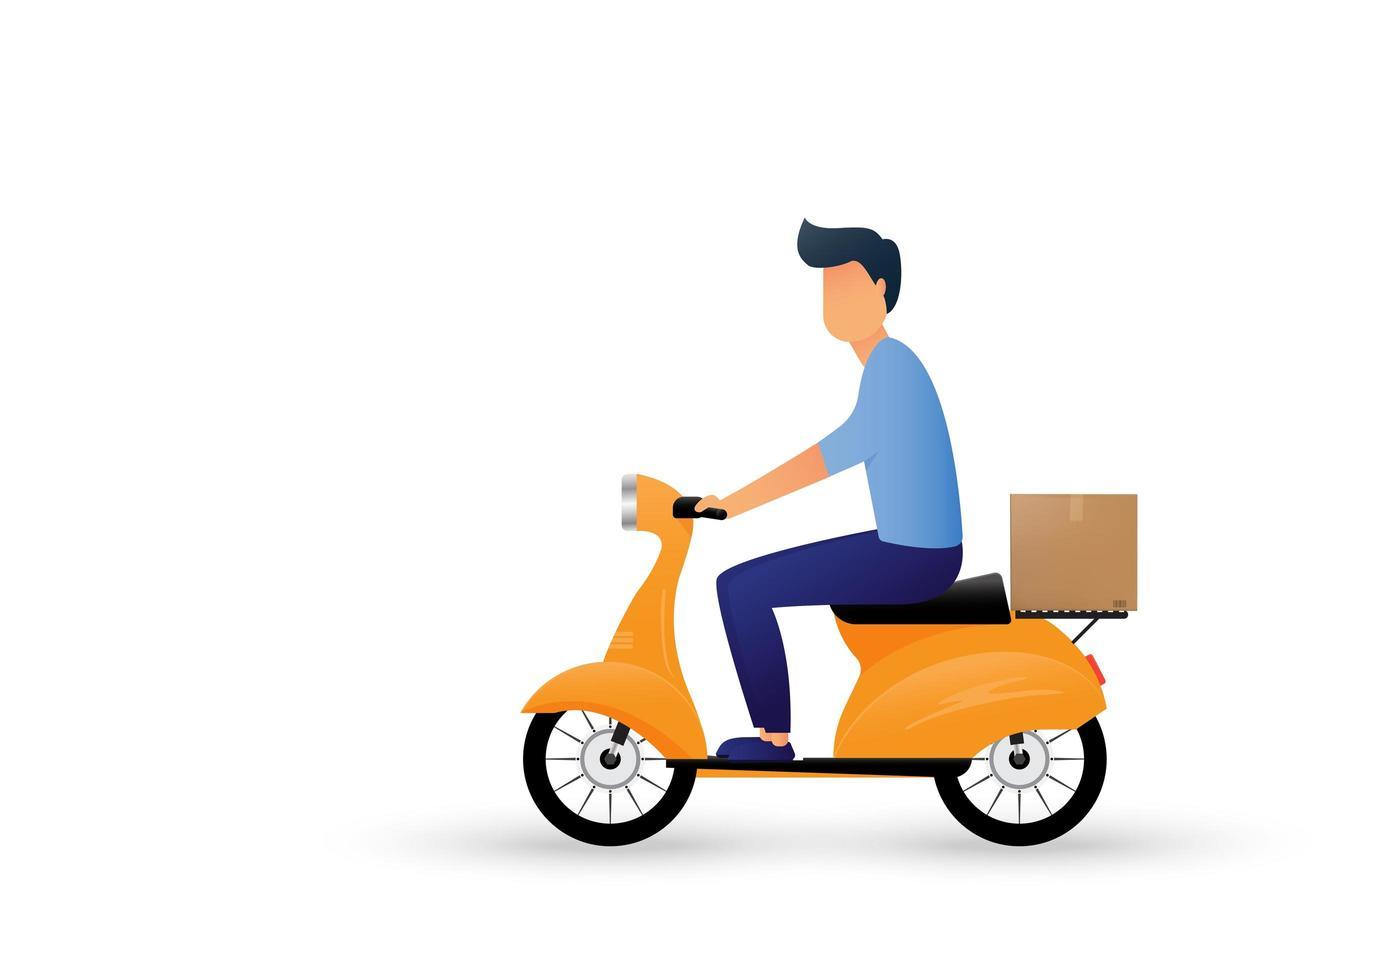 leverans man rider en motorcykel tecknad. expressleverans. vektor